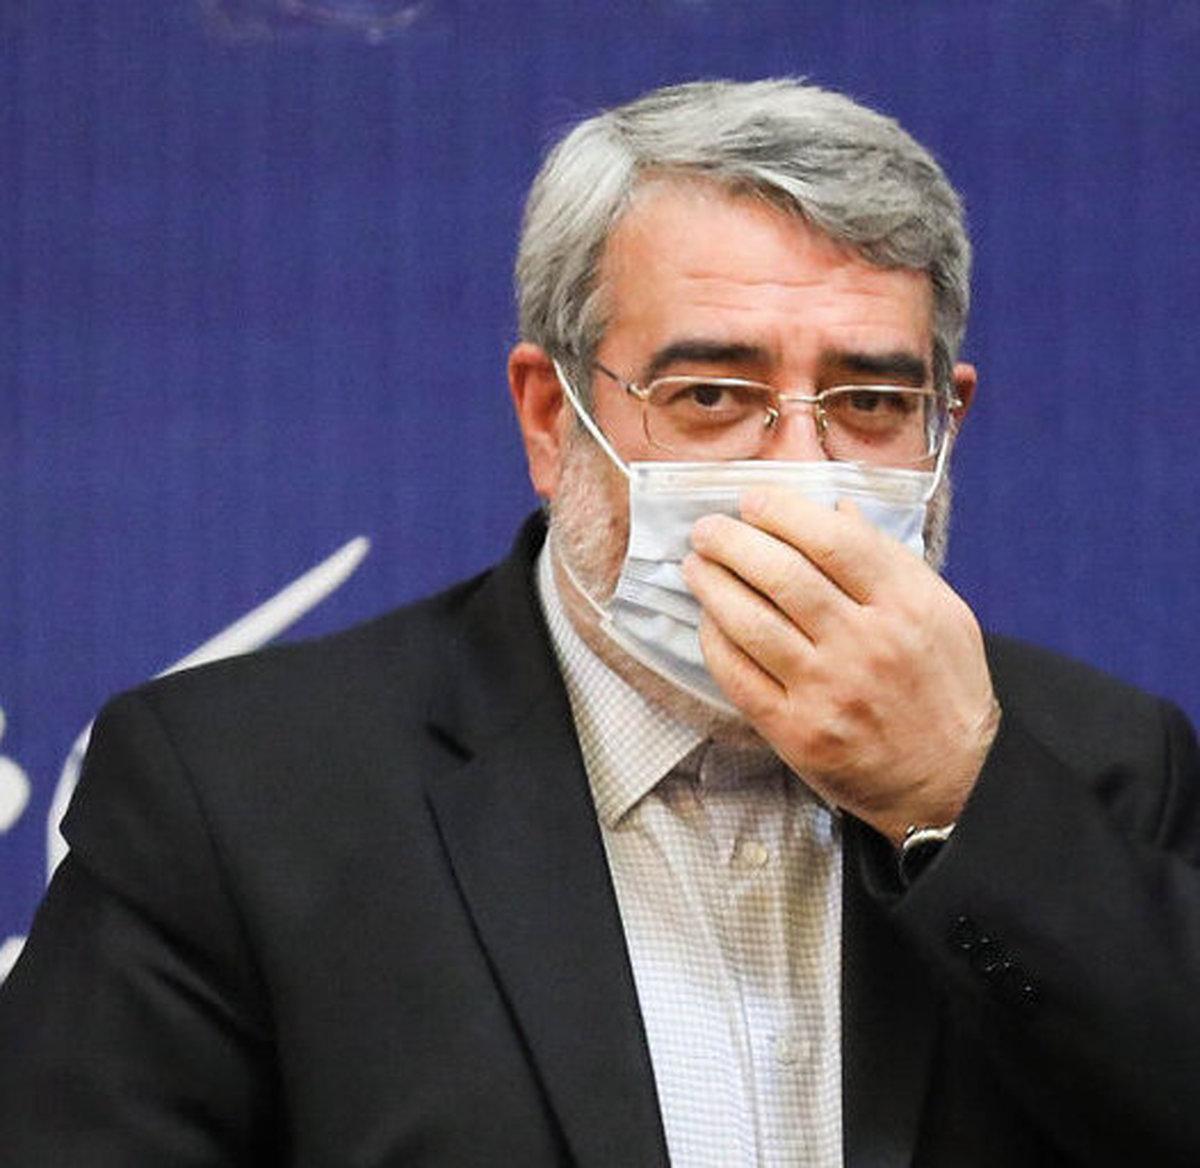 حال وزیر کشور چطور است؟| وزیر کشور پس از رهایی از کرونا+عکس